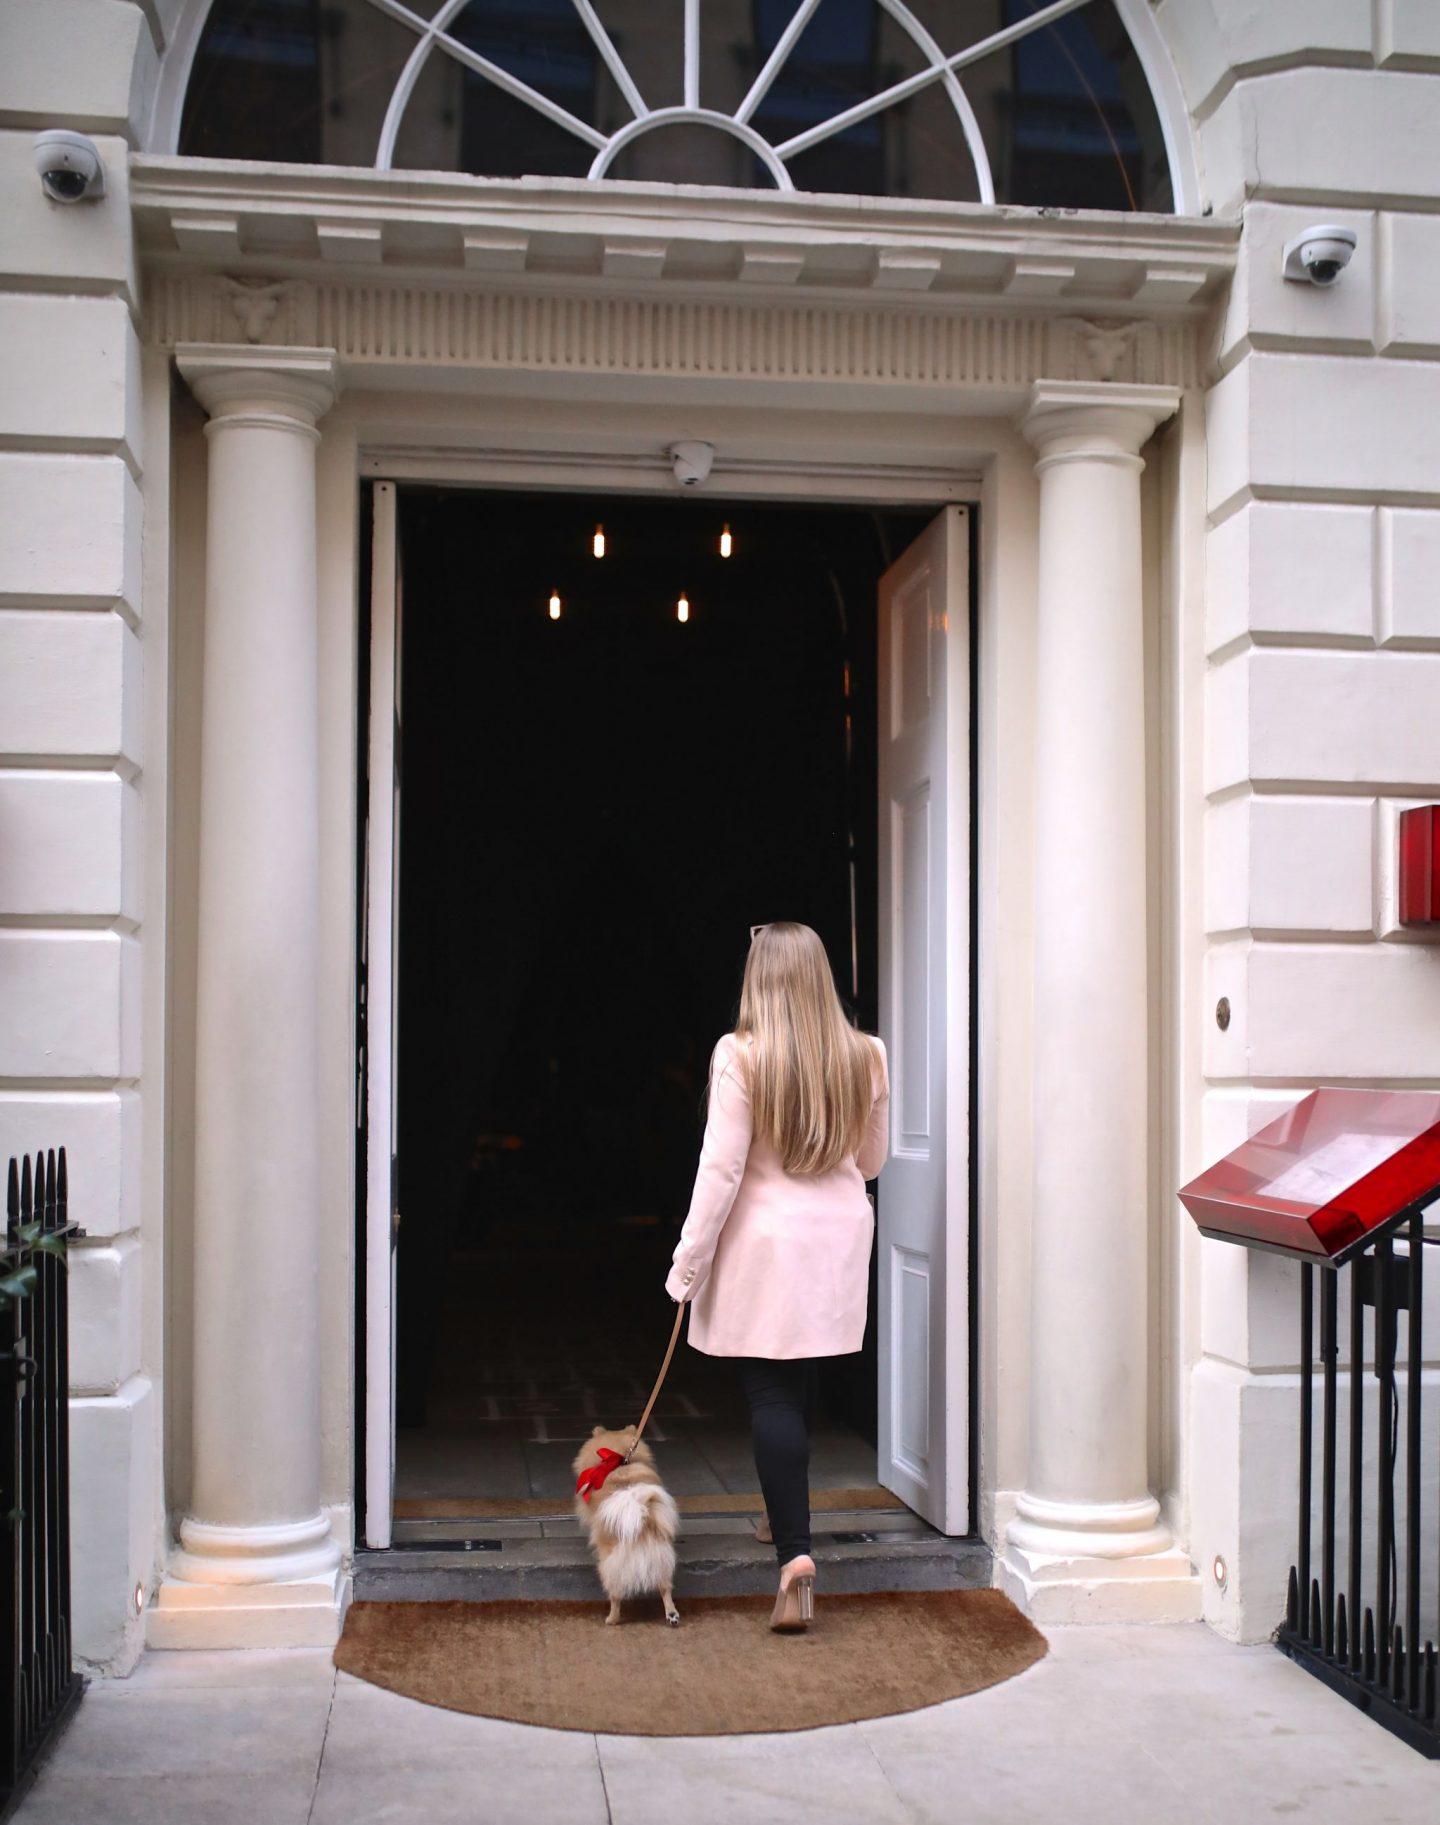 Katie heath, Kalanchoe, Breakfast at Sketch in London